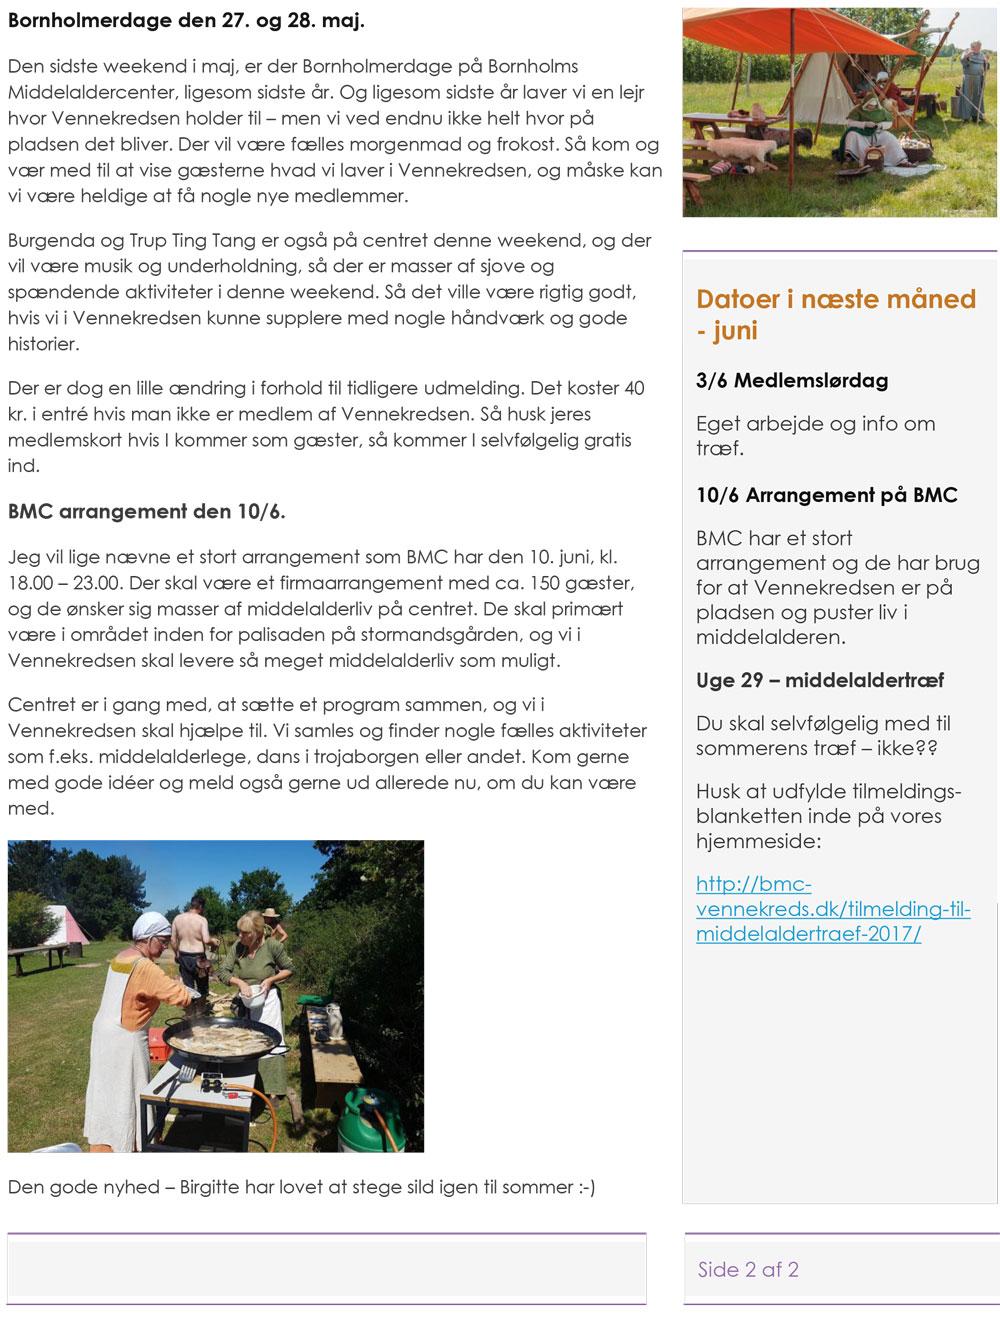 Bornholms Middelaldercenters Vennekreds - Maj 2017 - Nyt fra den Bornholmske Middelalder - Side 2